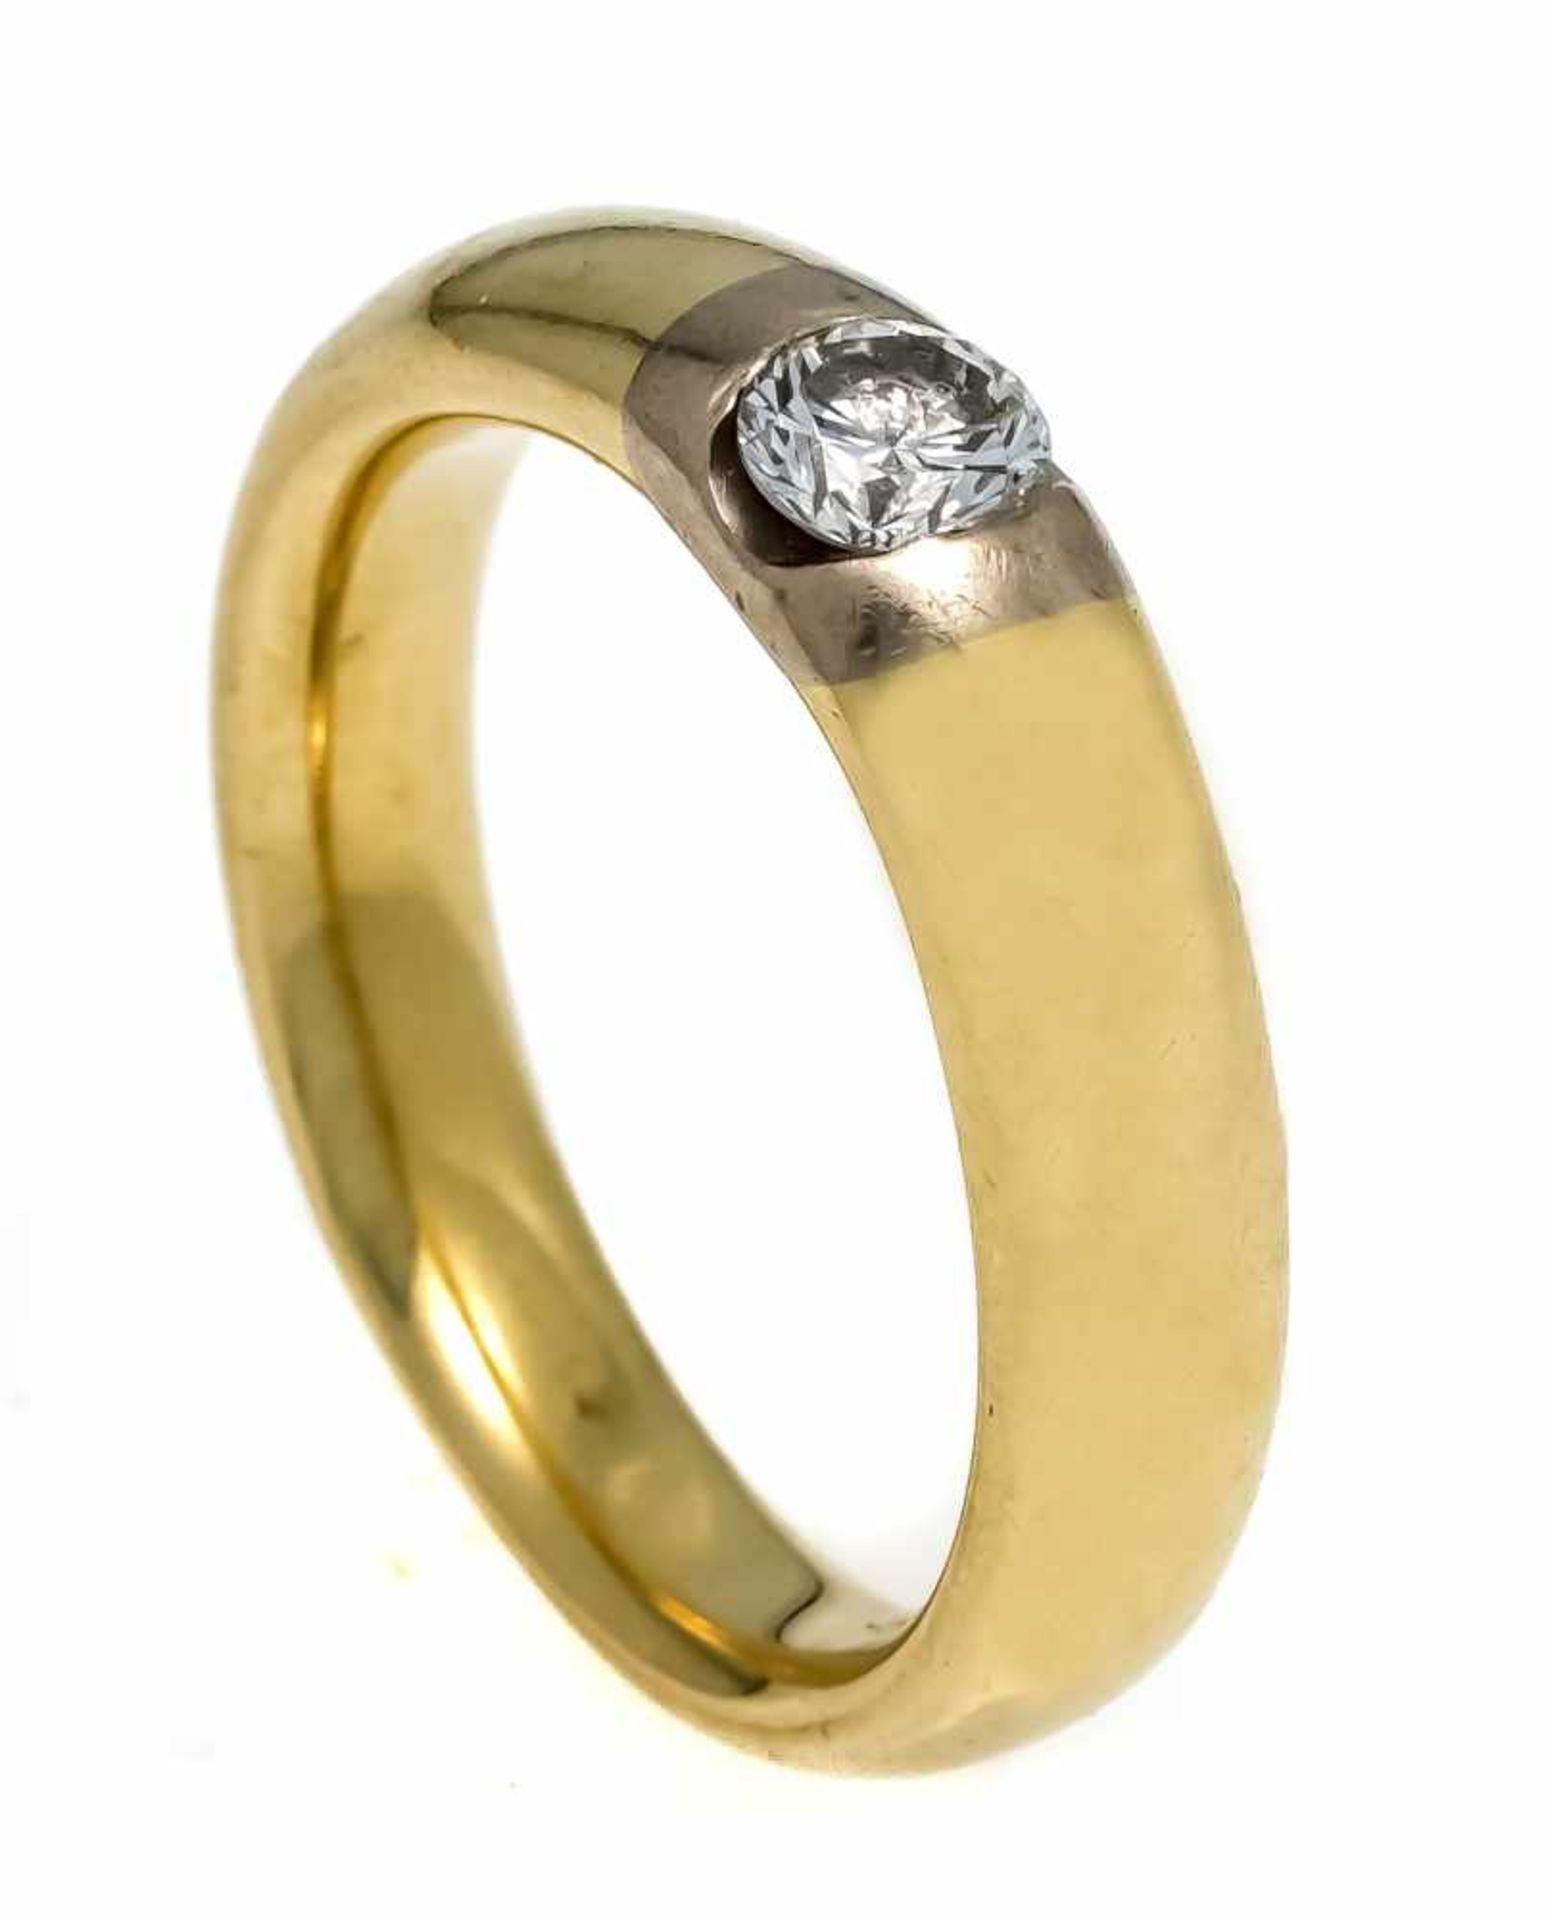 Brillant-Ring GG/WG 750/000 mit einem Brillanten 0,35 ct l.get.W-W/SI1, RG 55, 8,6 gDiamond ring